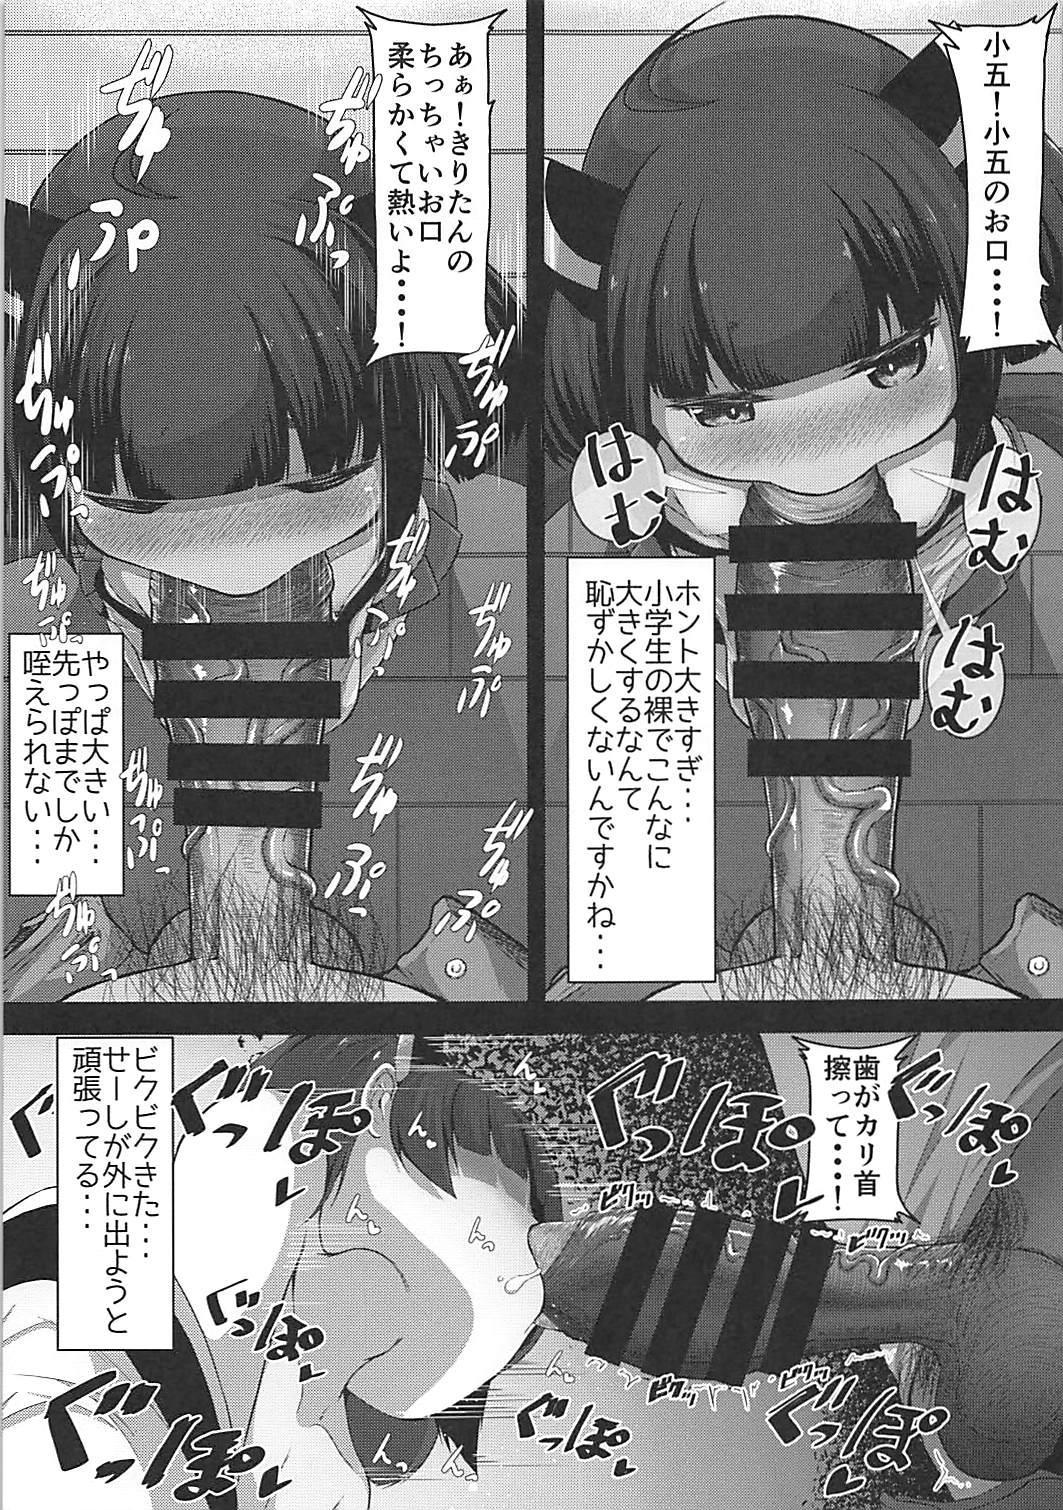 Houkago Himitsu no Yorimichi Kiritan 5